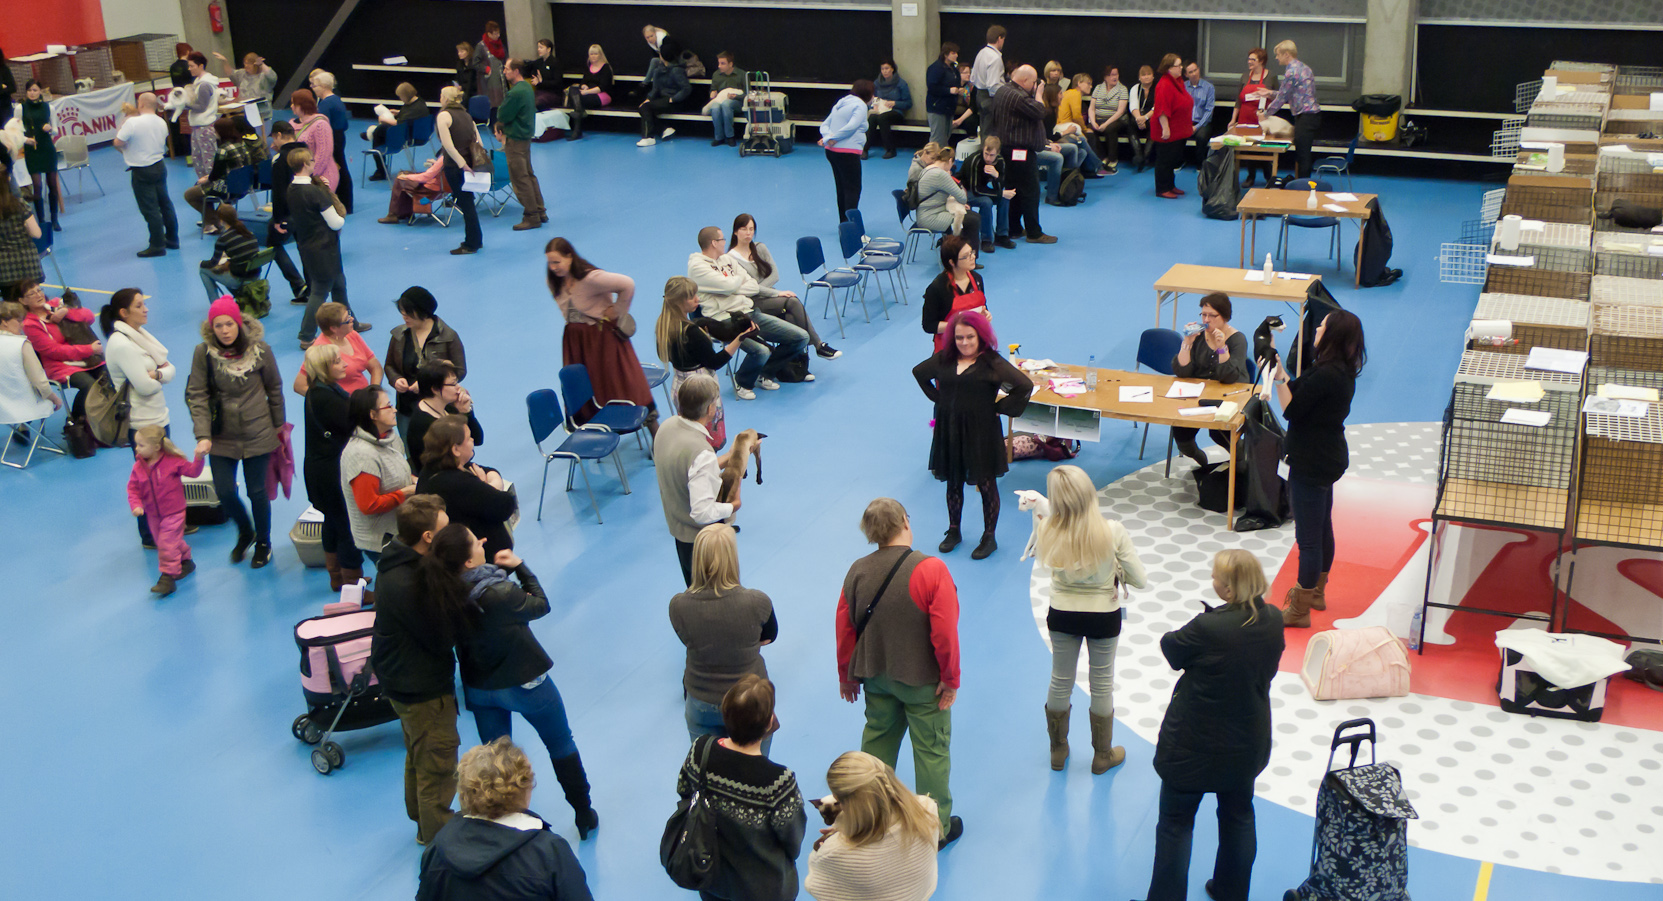 yleiskuvaa näyttelypaikalta, kuva 185028, 20.11.2011